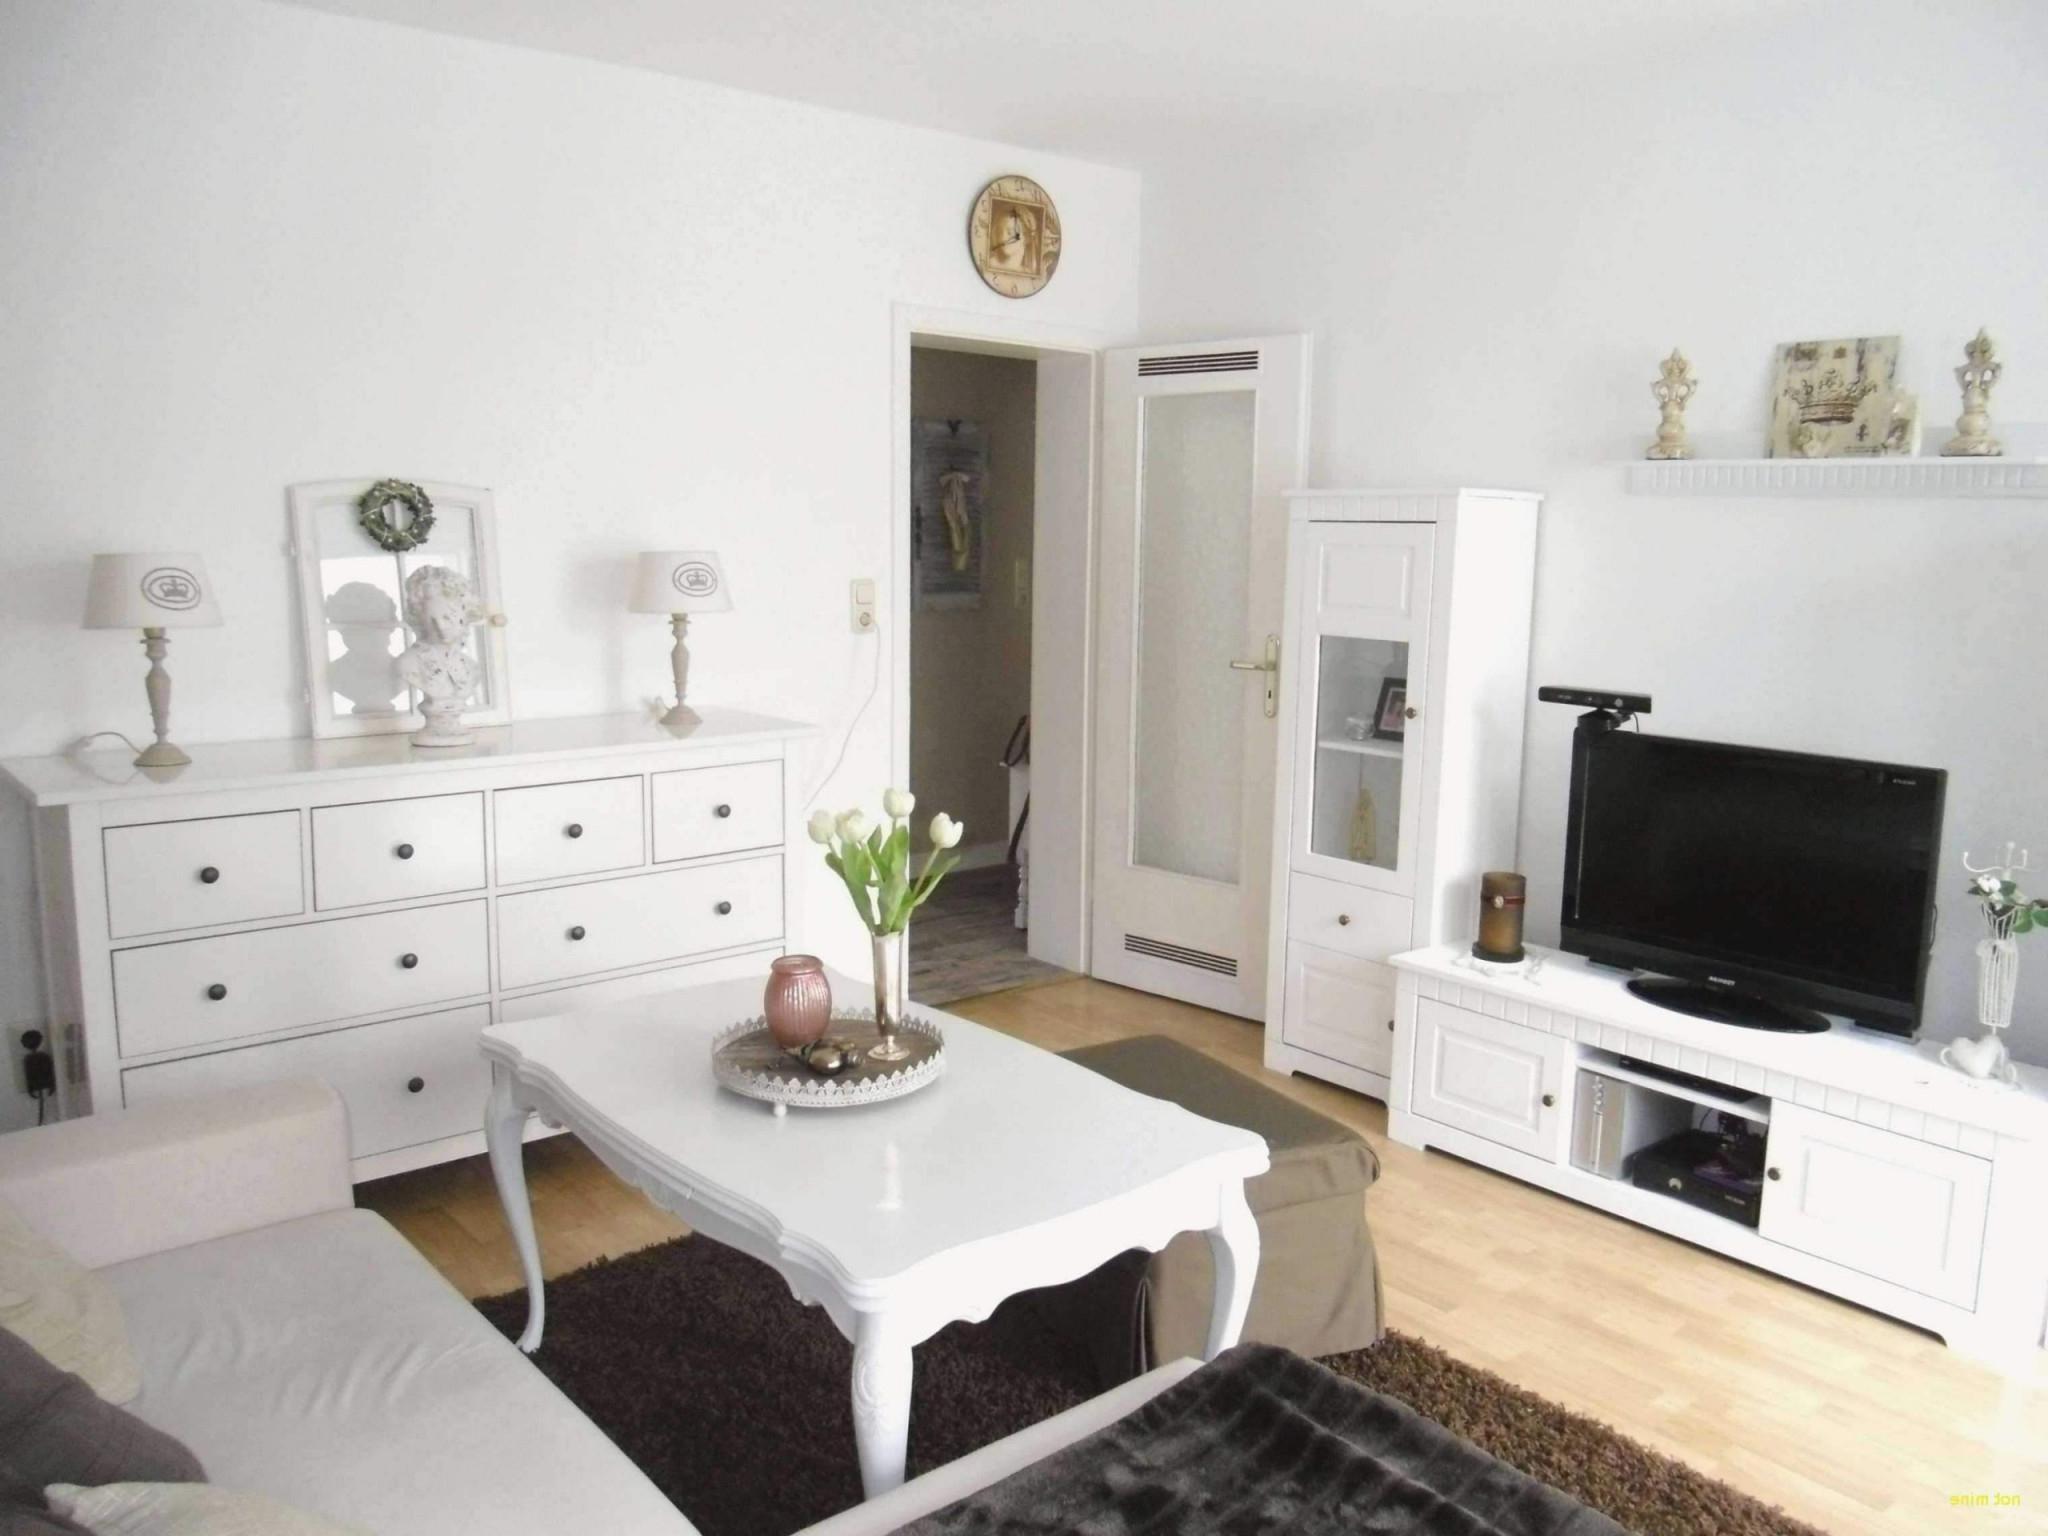 39 Einzigartig Ecke Im Wohnzimmer Dekorieren Luxus von Deko Für Ecke Im Wohnzimmer Bild